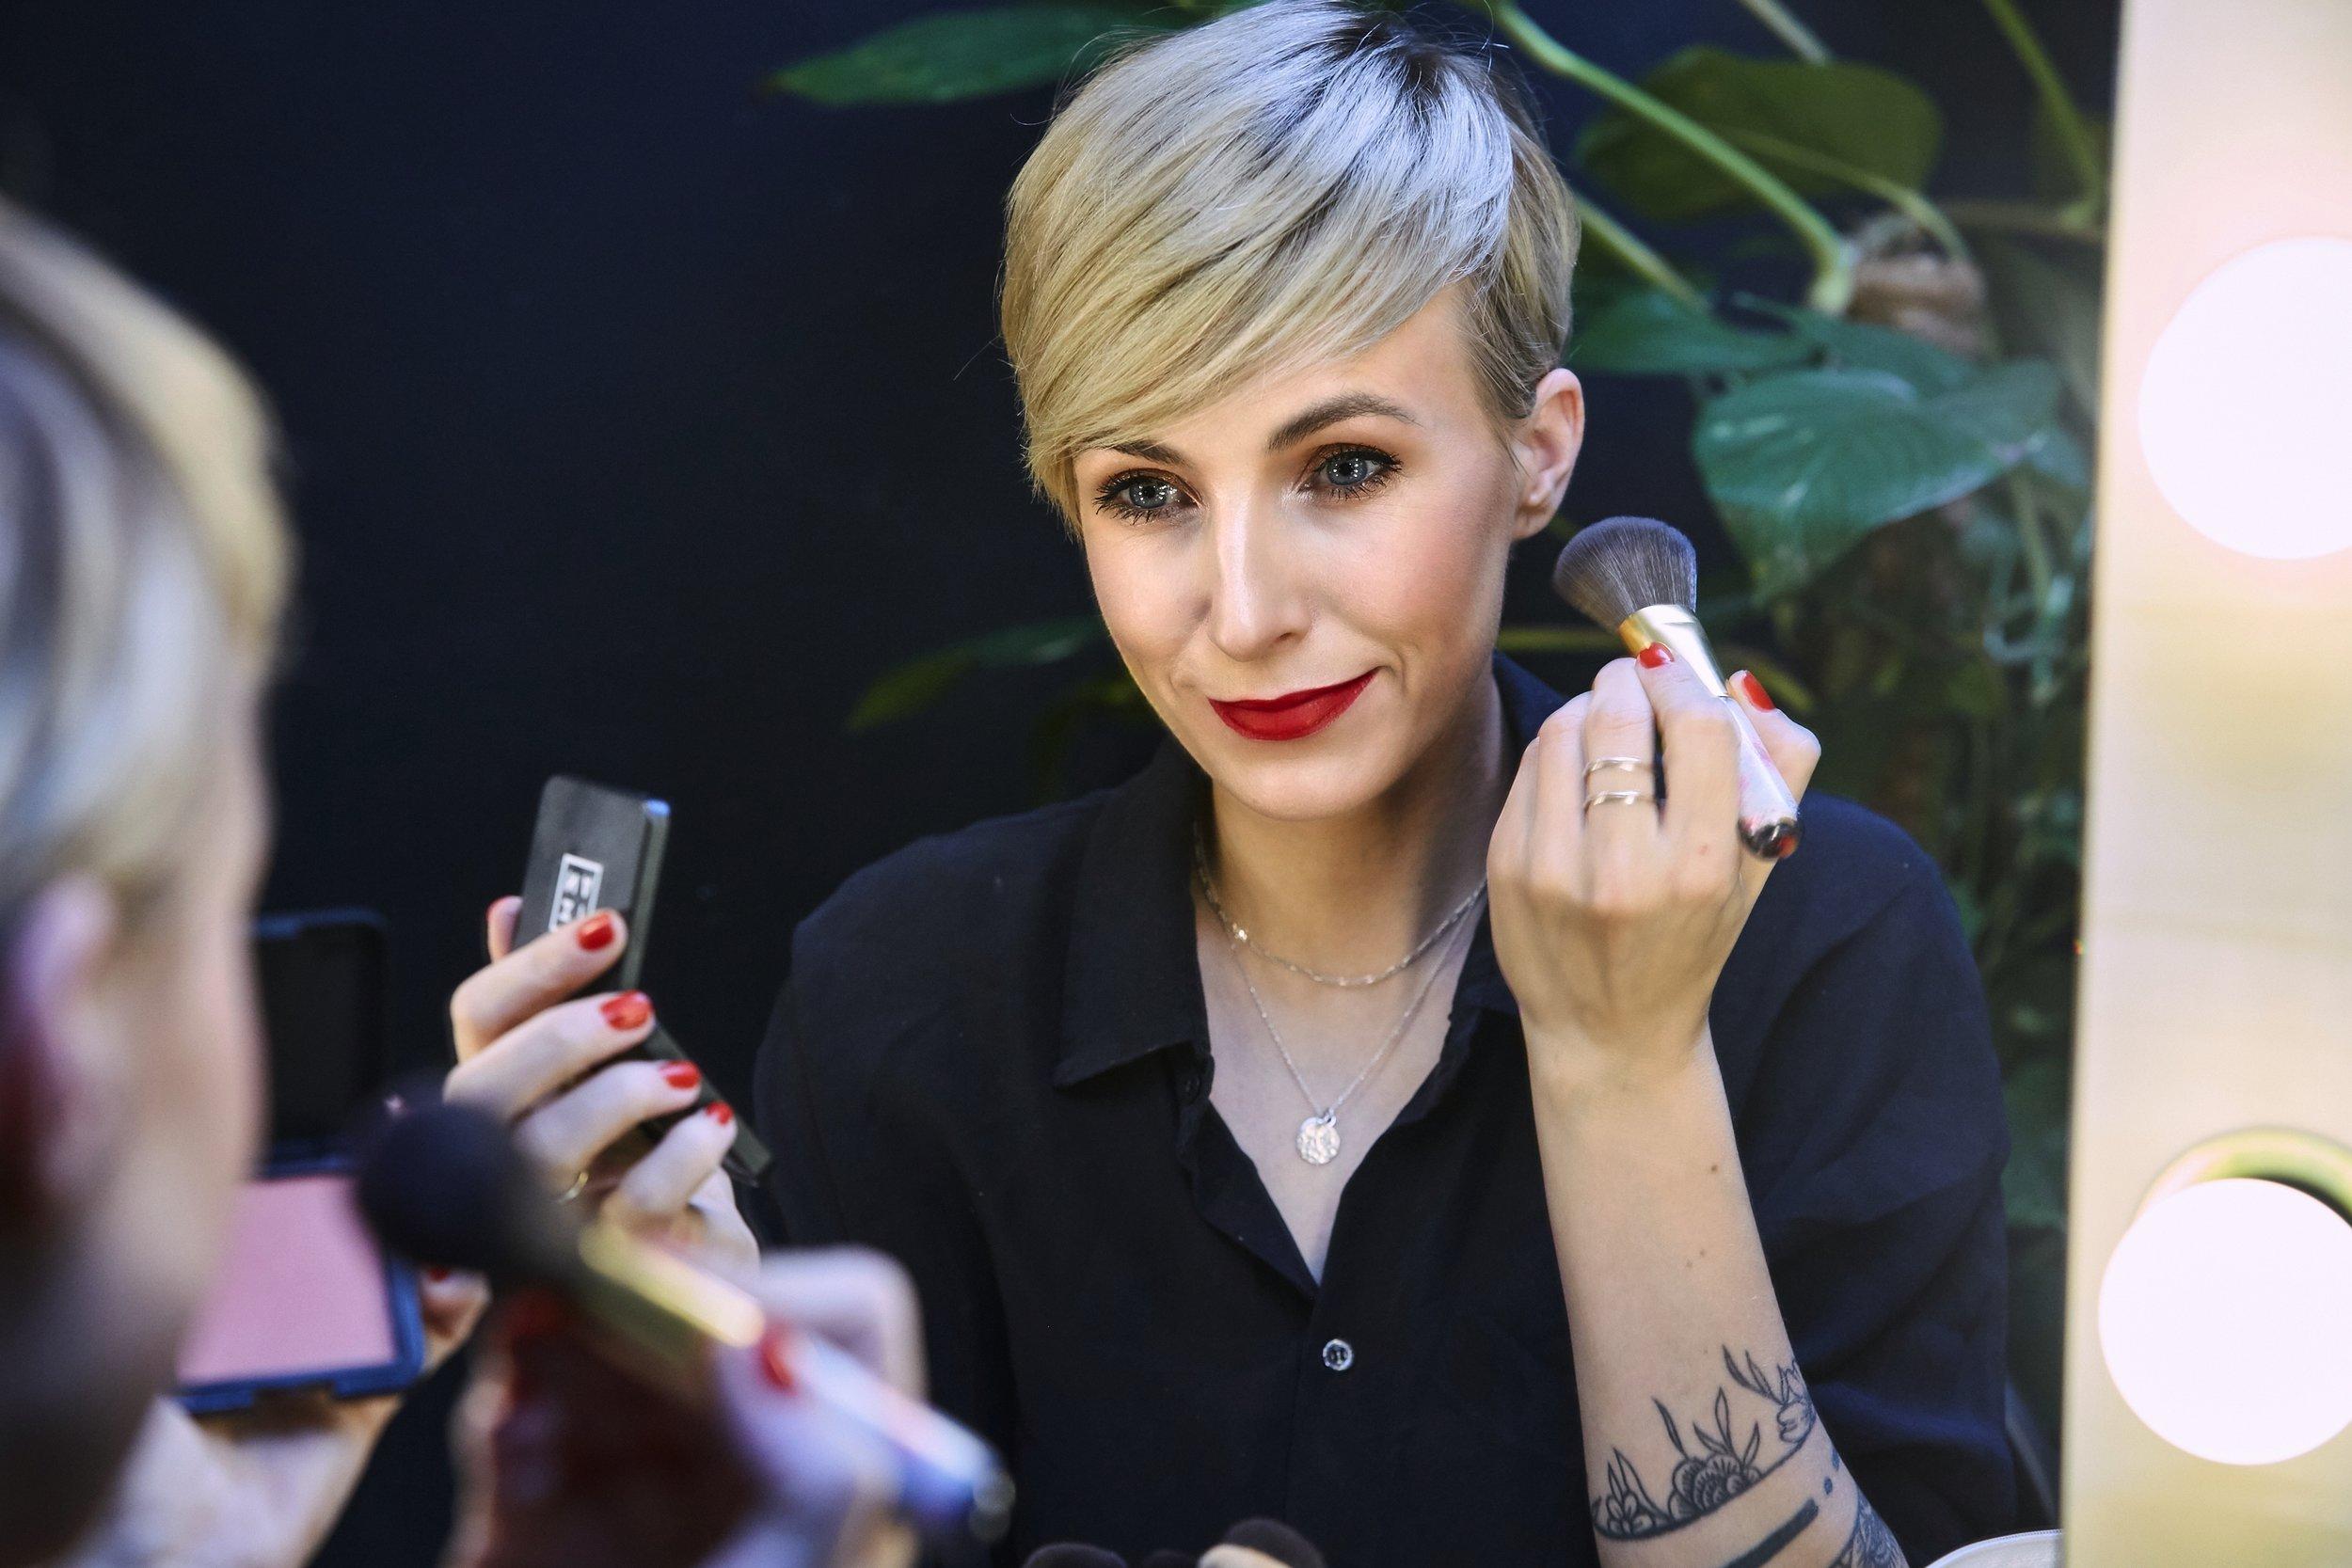 BEAUTY TIPPfestliches make-up - Ich stelle euch in diesem Blogbeitrag meine Ideen für das Weihnachts- und Silvester-Make-up vor. Vielleicht entdeckt ihr ein paar neue Produkte und Tipps für euch …LOS GEHT'S